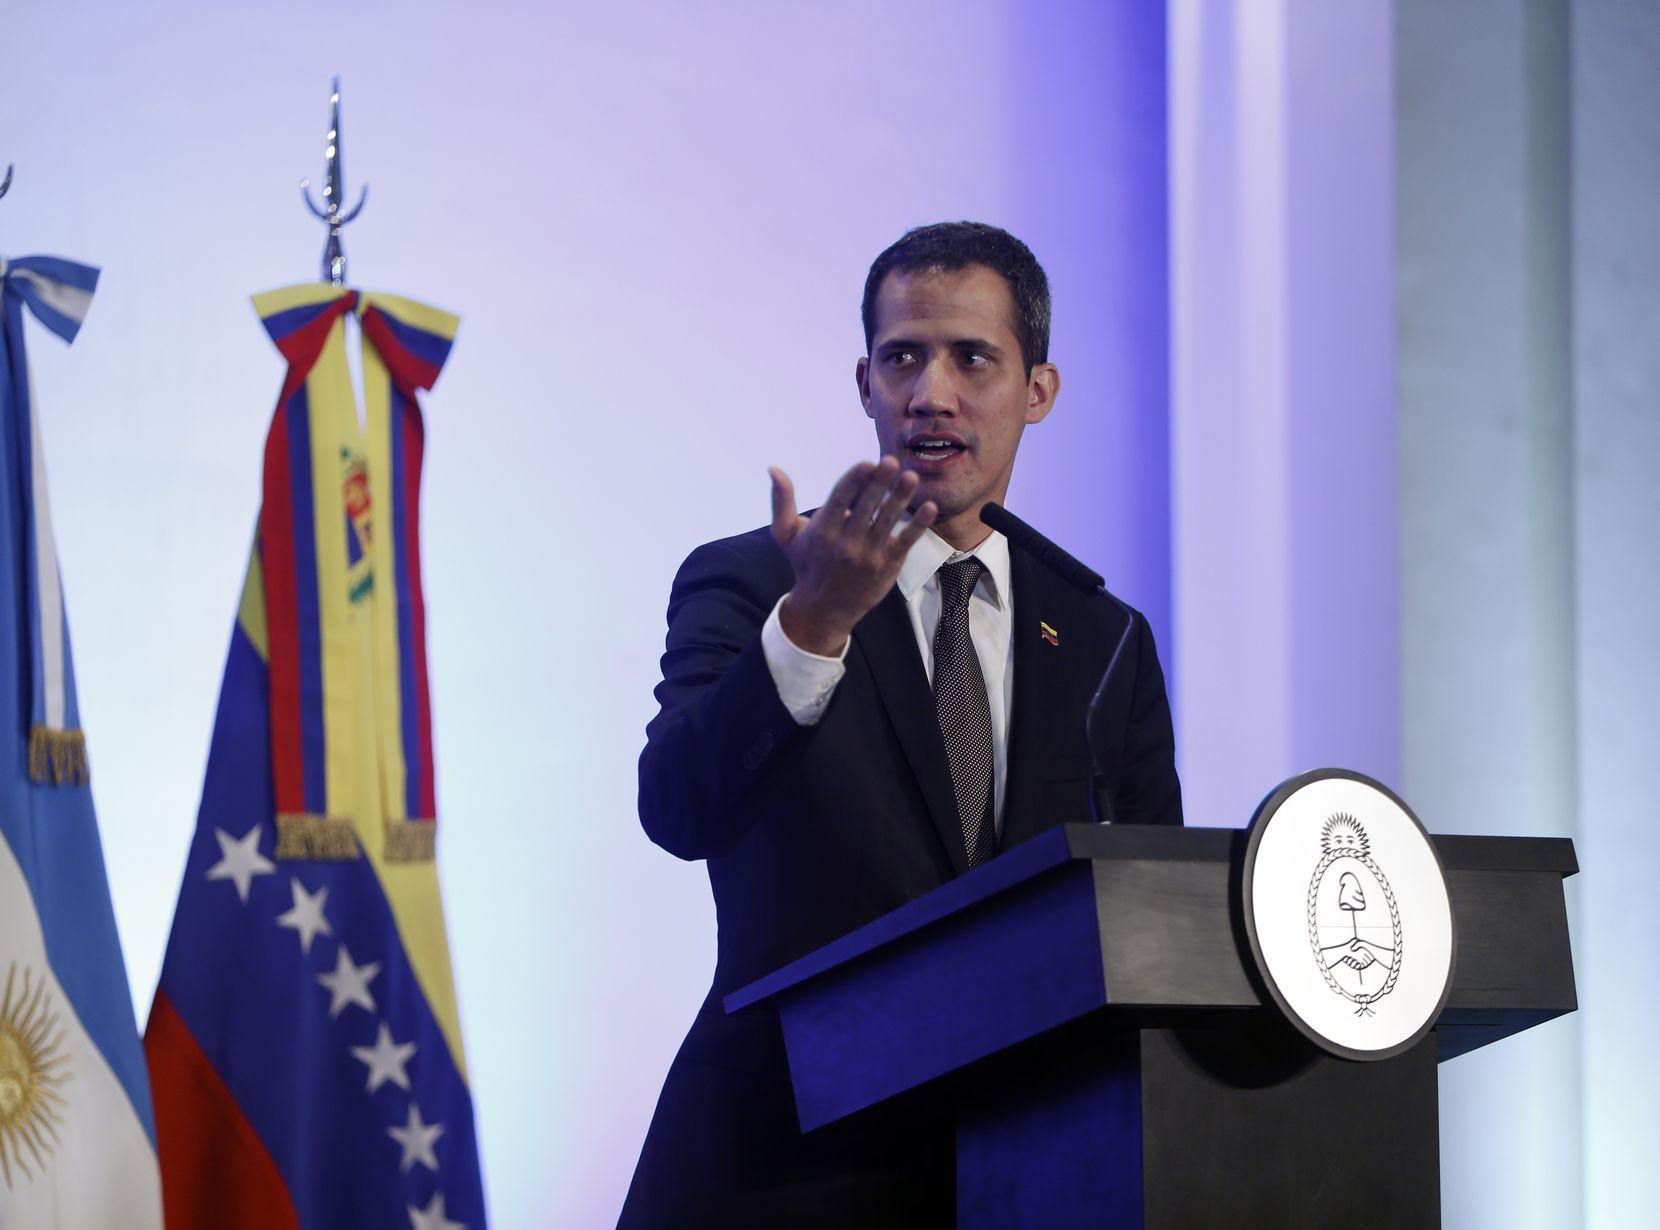 瓜伊多指,结束在厄瓜多的访问行程后,他将返回委内瑞拉。